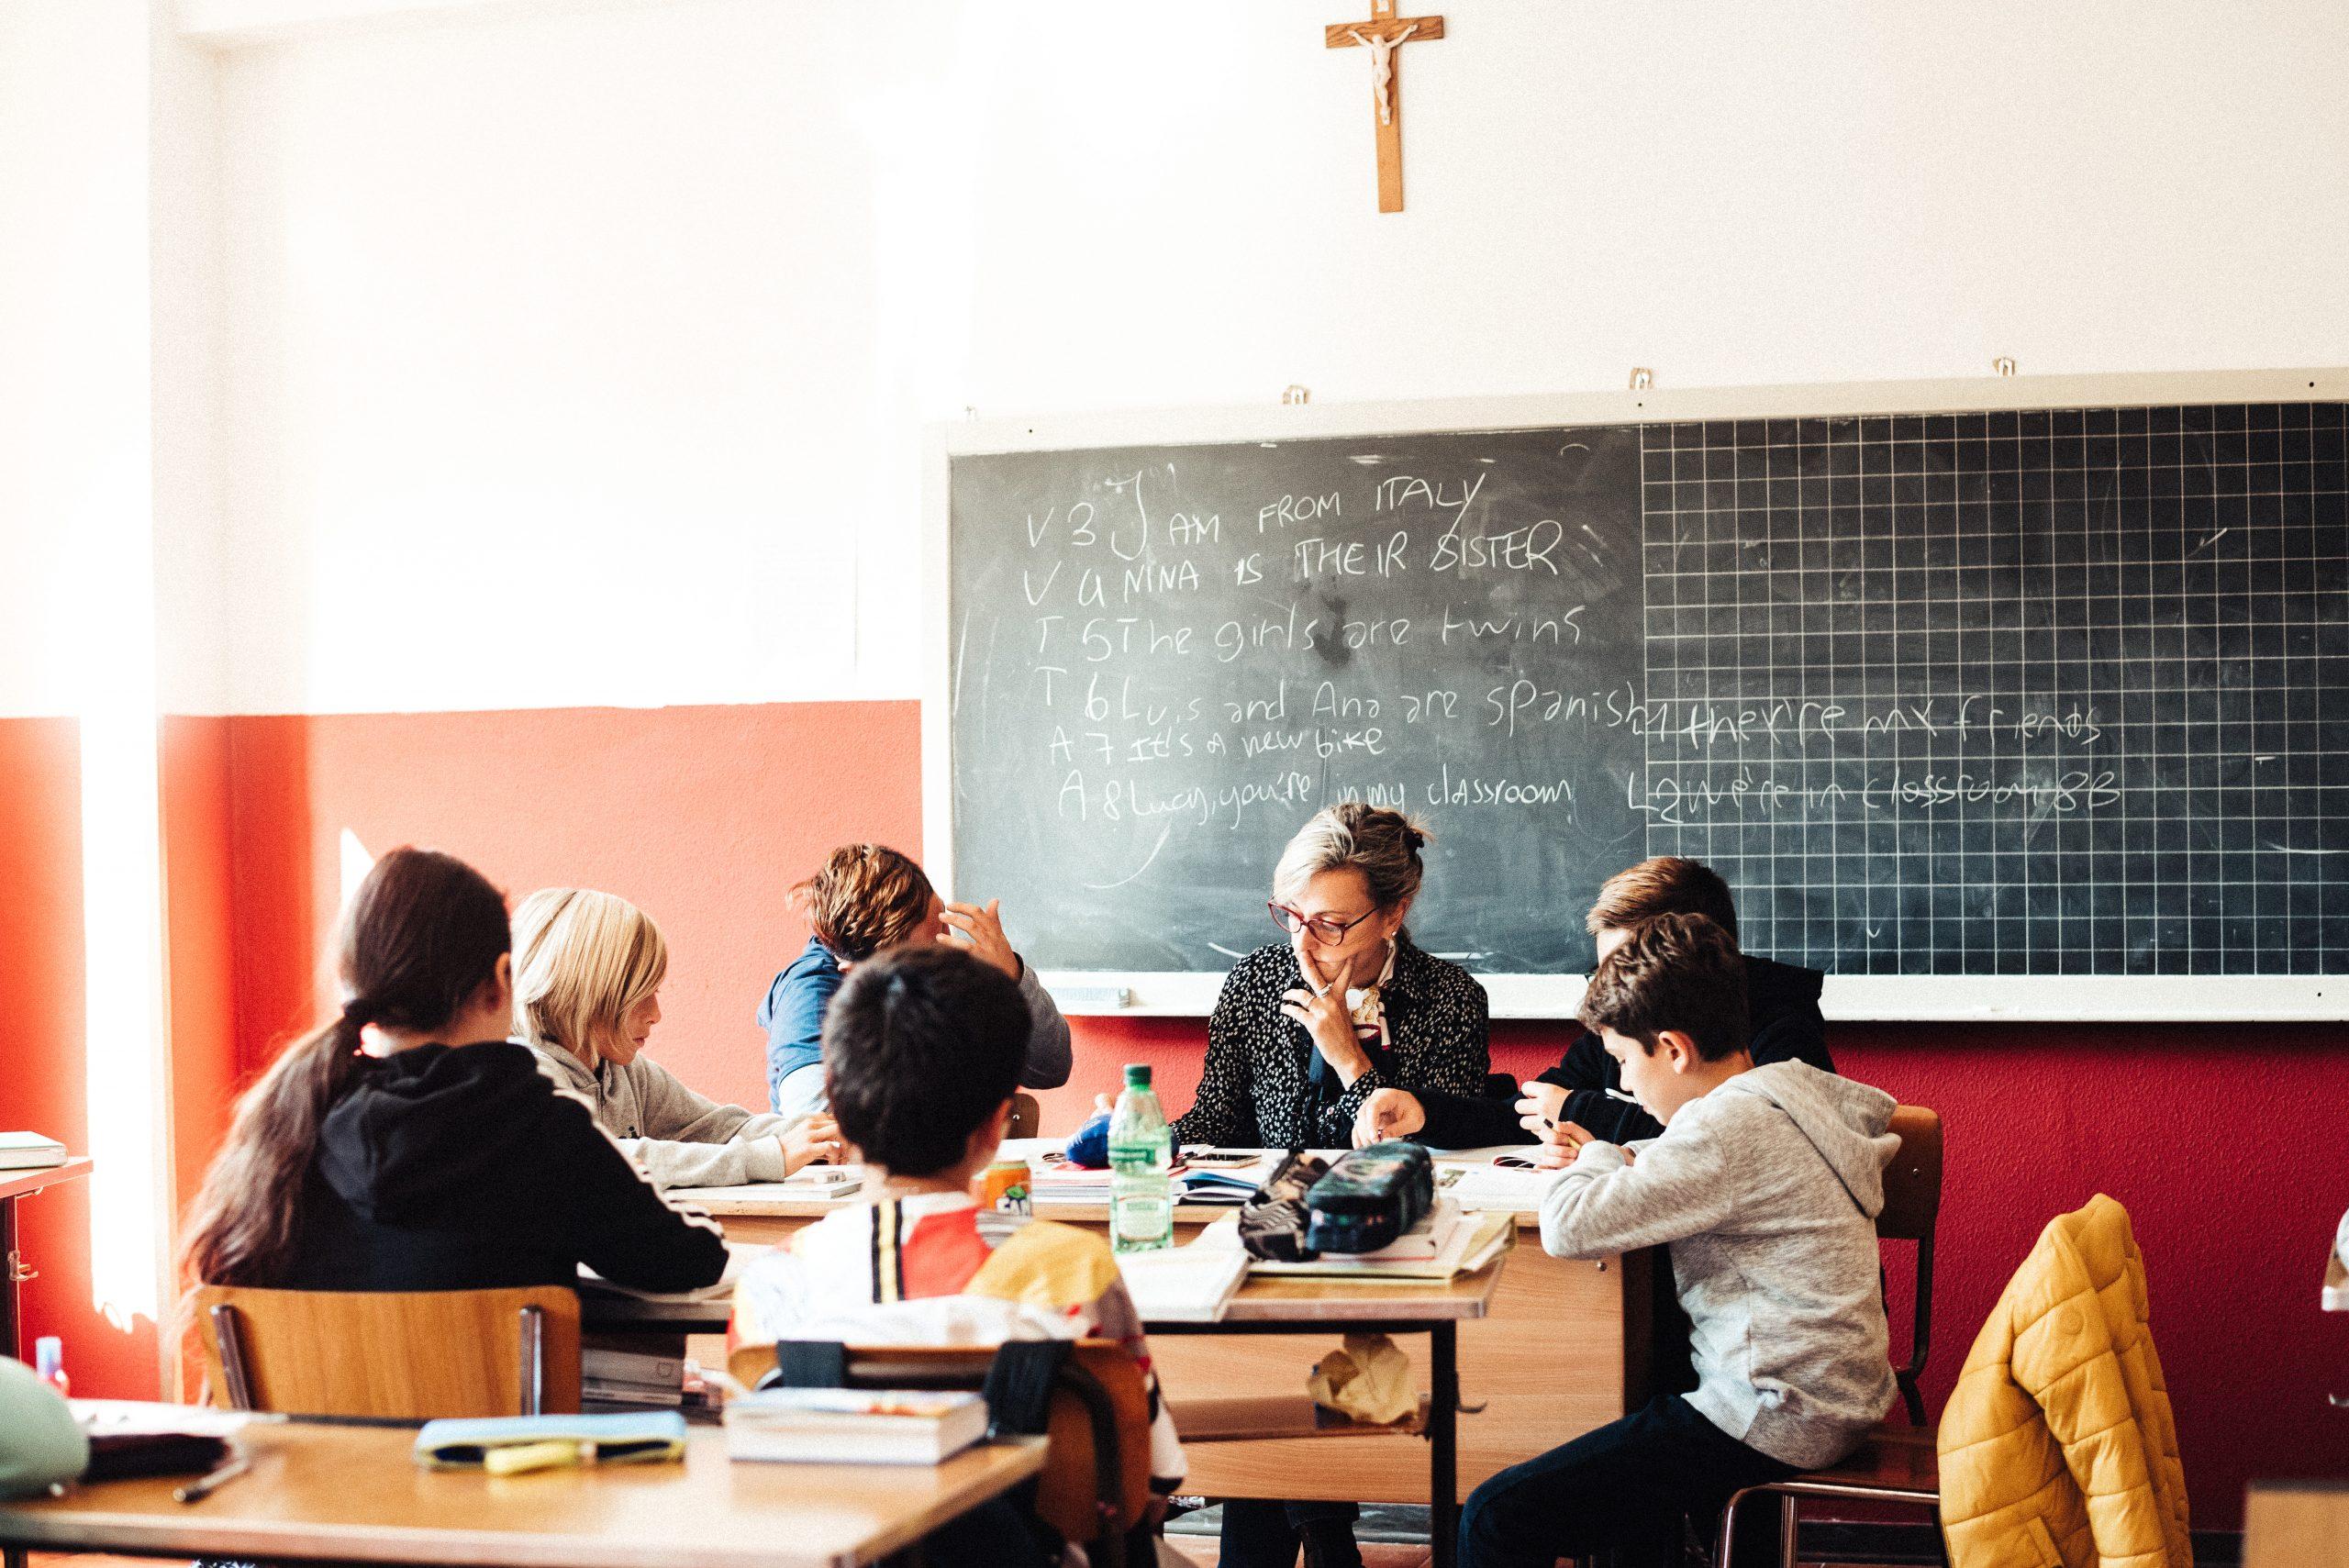 Don Bosco - Scuola Secondaria I Grado - Mission